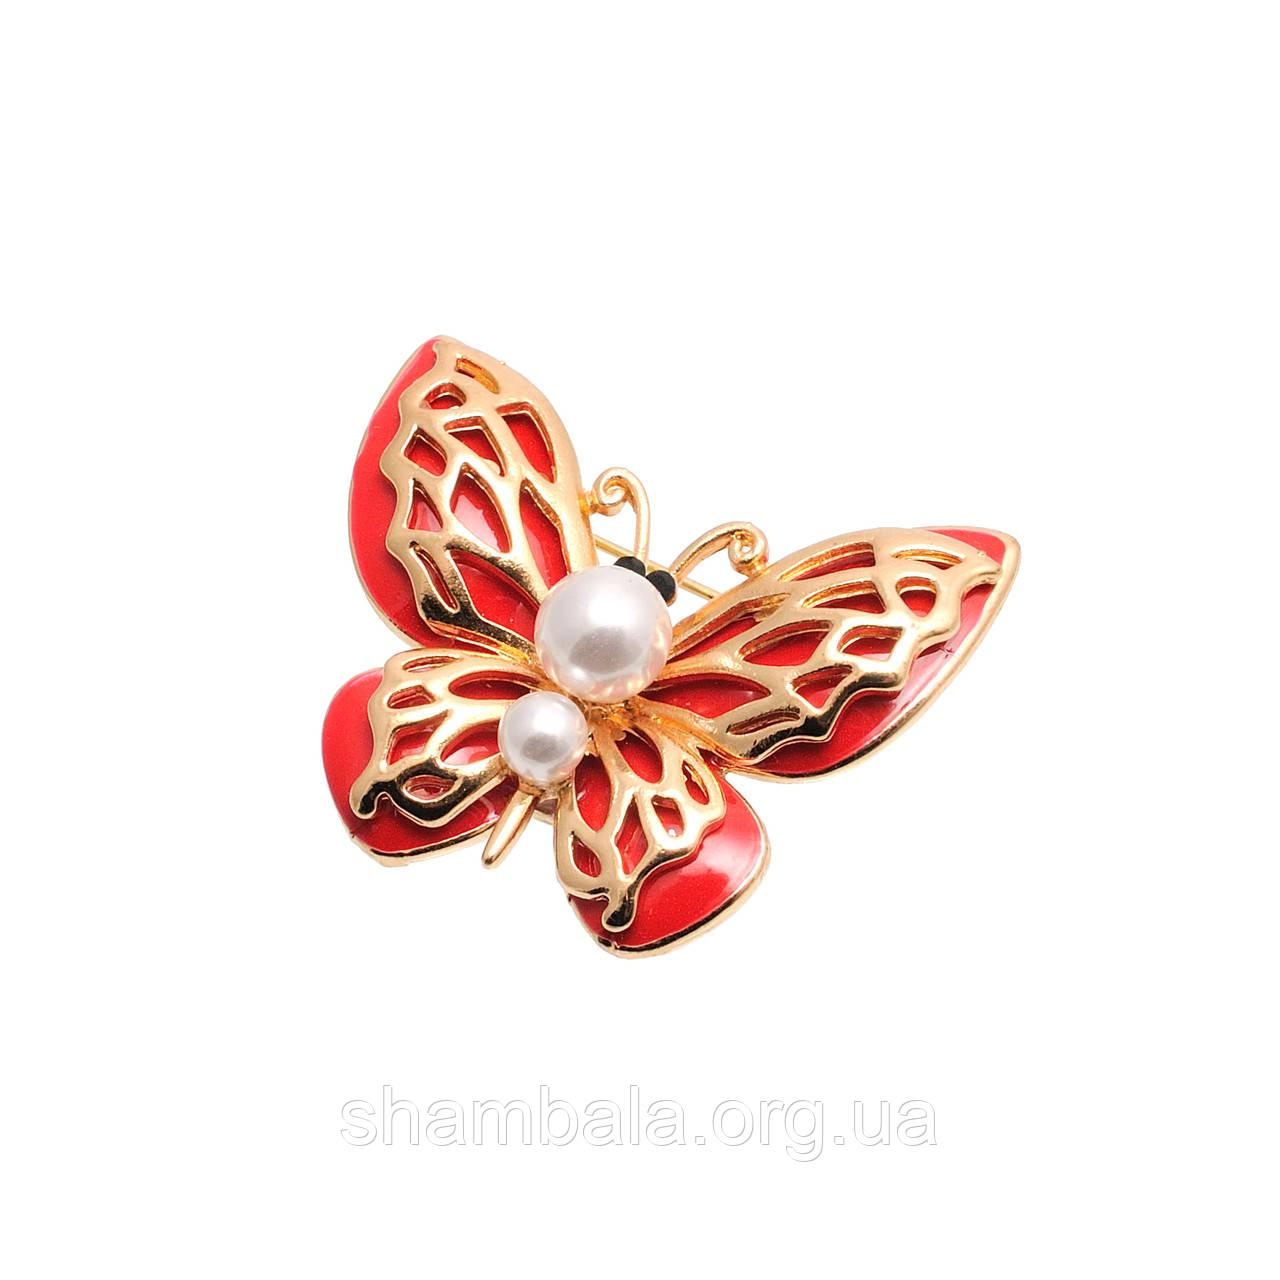 """Брошь Fashion Jewerly """"Красная бабочка с жемчугом"""" (045955)"""